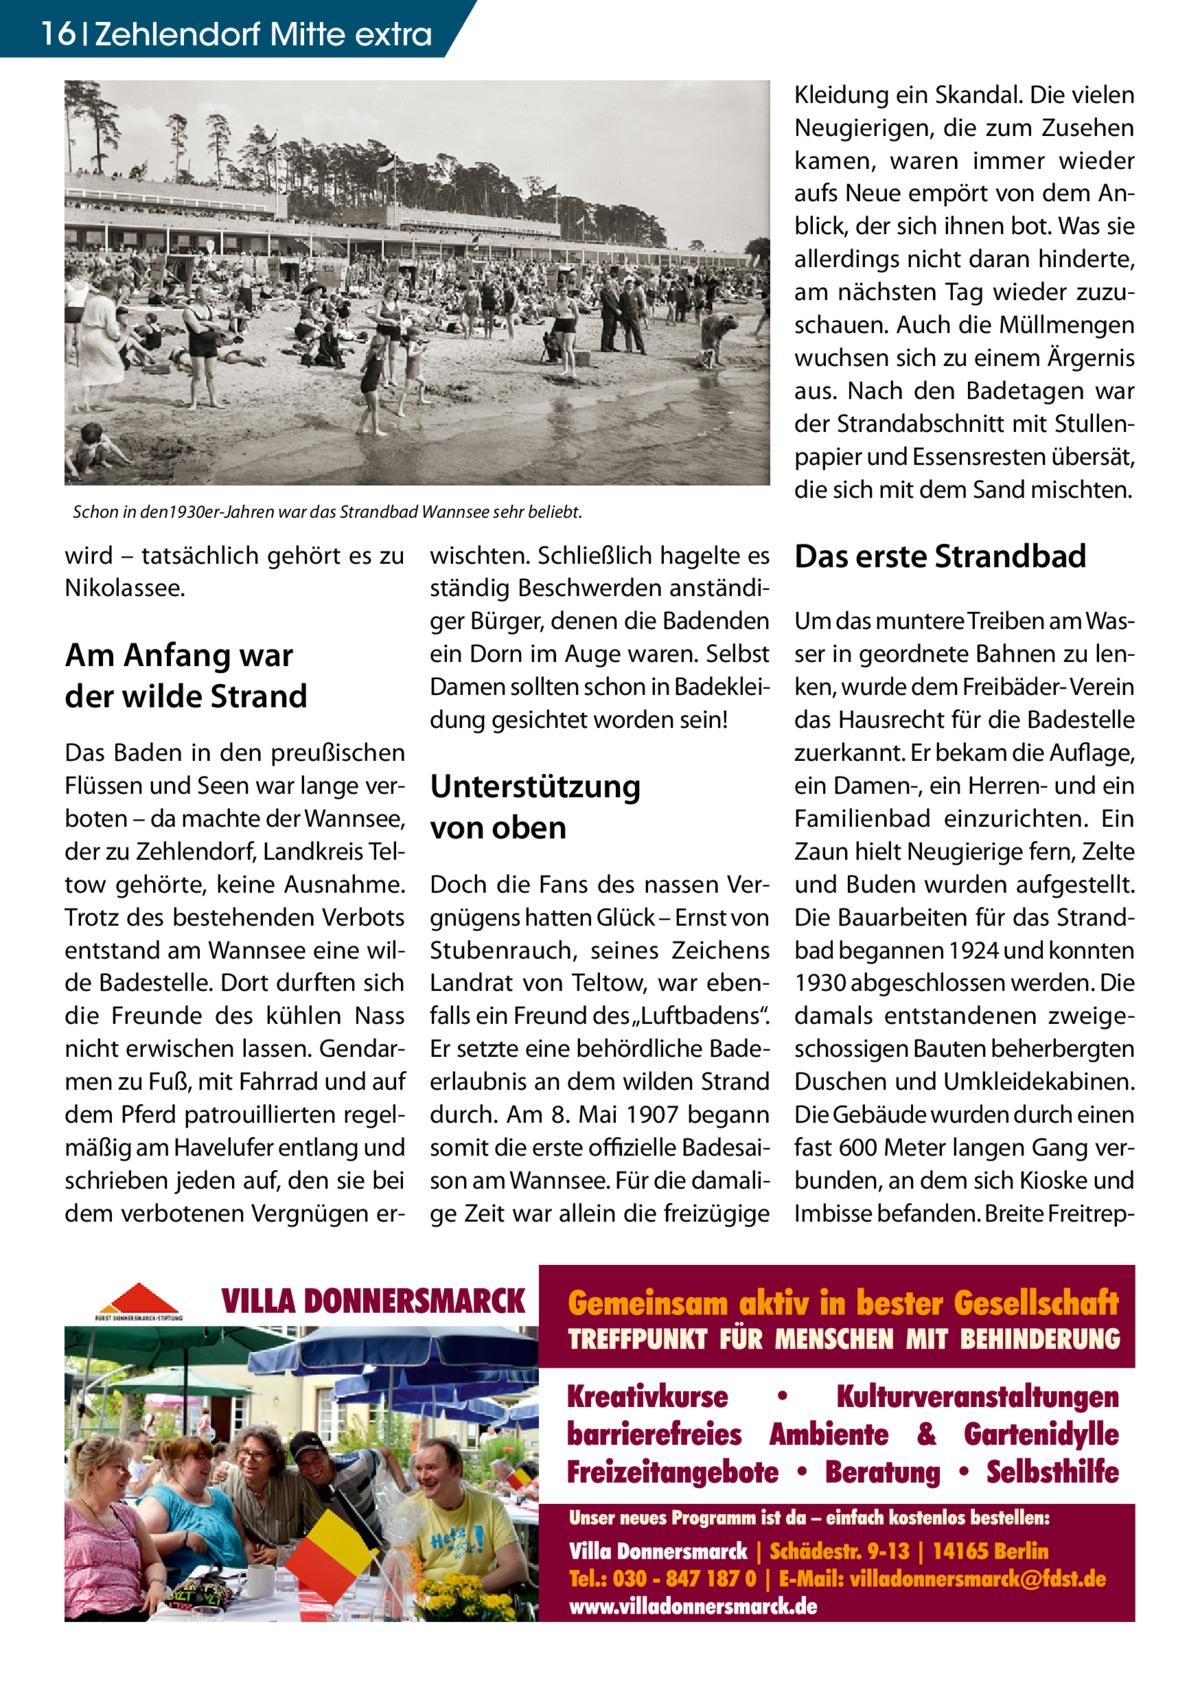 """16 Zehlendorf Mitte extra  Schon in den1930er-Jahren war das Strandbad Wannsee sehr beliebt.  wird – tatsächlich gehört es zu wischten. Schließlich hagelte es Nikolassee. ständig Beschwerden anständiger Bürger, denen die Badenden ein Dorn im Auge waren. Selbst Am Anfang war Damen sollten schon in Badekleider wilde Strand dung gesichtet worden sein! Das Baden in den preußischen Flüssen und Seen war lange ver- Unterstützung boten – da machte der Wannsee, von oben der zu Zehlendorf, Landkreis Teltow gehörte, keine Ausnahme. Doch die Fans des nassen VerTrotz des bestehenden Verbots gnügens hatten Glück – Ernst von entstand am Wannsee eine wil- Stubenrauch, seines Zeichens de Badestelle. Dort durften sich Landrat von Teltow, war ebendie Freunde des kühlen Nass falls ein Freund des """"Luftbadens"""". nicht erwischen lassen. Gendar- Er setzte eine behördliche Bademen zu Fuß, mit Fahrrad und auf erlaubnis an dem wilden Strand dem Pferd patrouillierten regel- durch. Am 8.Mai 1907 begann mäßig am Havelufer entlang und somit die erste offizielle Badesaischrieben jeden auf, den sie bei son am Wannsee. Für die damalidem verbotenen Vergnügen er- ge Zeit war allein die freizügige  Kleidung ein Skandal. Die vielen Neugierigen, die zum Zusehen kamen, waren immer wieder aufs Neue empört von dem Anblick, der sich ihnen bot. Was sie allerdings nicht daran hinderte, am nächsten Tag wieder zuzuschauen. Auch die Müllmengen wuchsen sich zu einem Ärgernis aus. Nach den Badetagen war der Strandabschnitt mit Stullenpapier und Essensresten übersät, die sich mit dem Sand mischten.  Das erste Strandbad Um das muntere Treiben am Wasser in geordnete Bahnen zu lenken, wurde dem Freibäder- Verein das Hausrecht für die Badestelle zuerkannt. Er bekam die Auflage, ein Damen-, ein Herren- und ein Familienbad einzurichten. Ein Zaun hielt Neugierige fern, Zelte und Buden wurden aufgestellt. Die Bauarbeiten für das Strandbad begannen 1924 und konnten 1930 abgeschlossen werden. Die damals entstandenen zweigescho"""